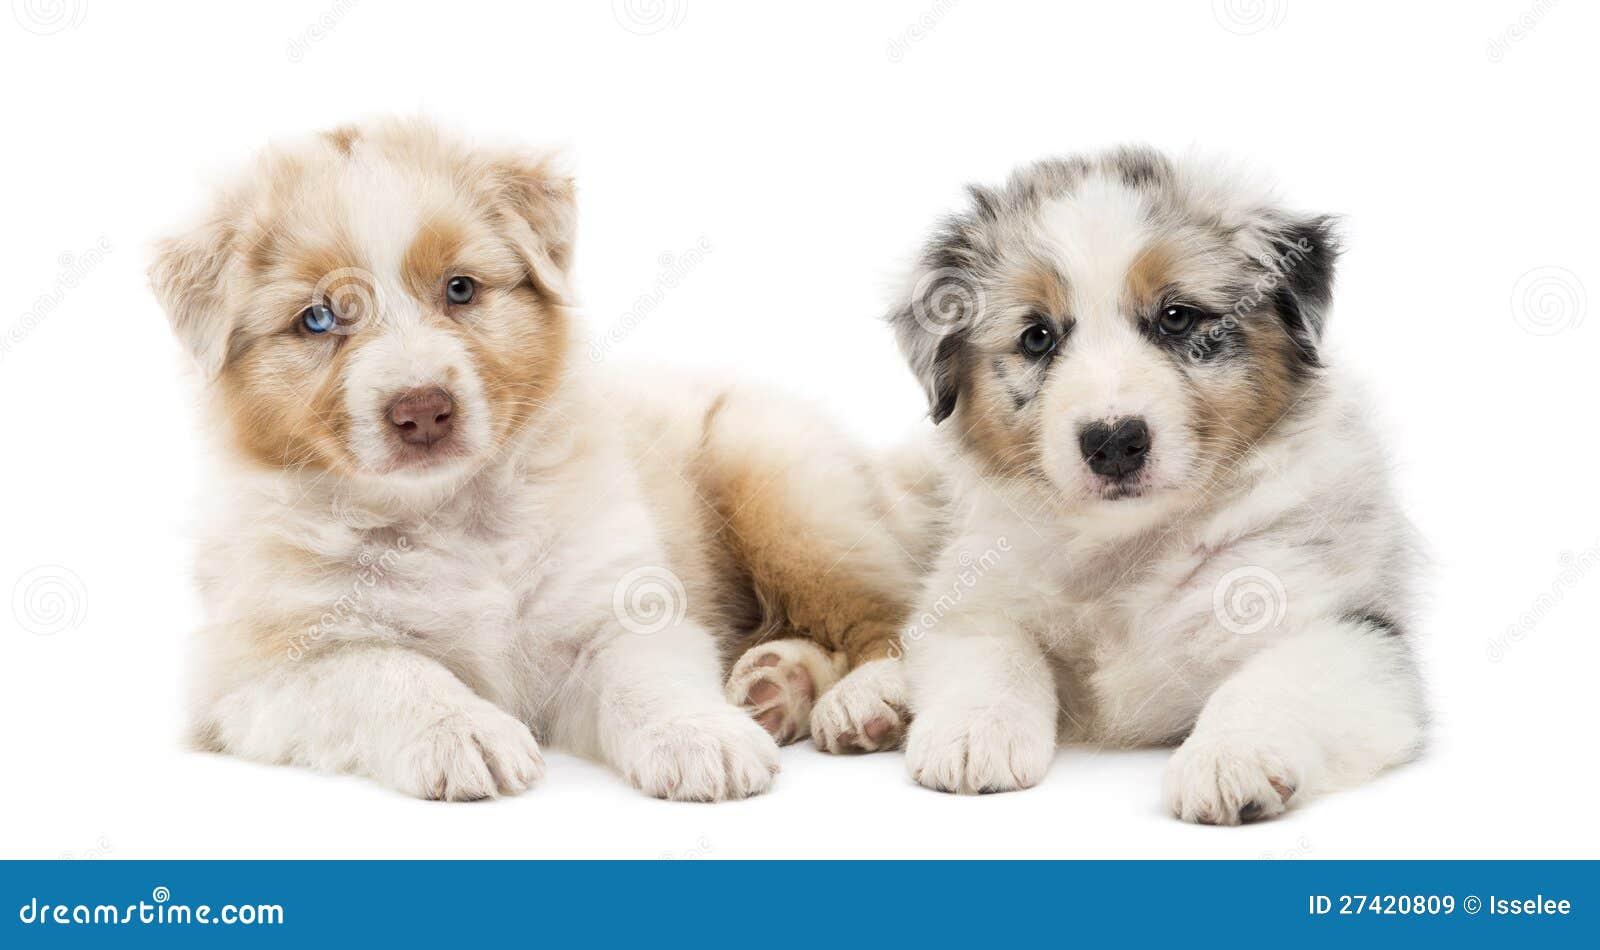 Two Australian Shepherd Puppies, 6 Weeks Old Stock Image - Image of